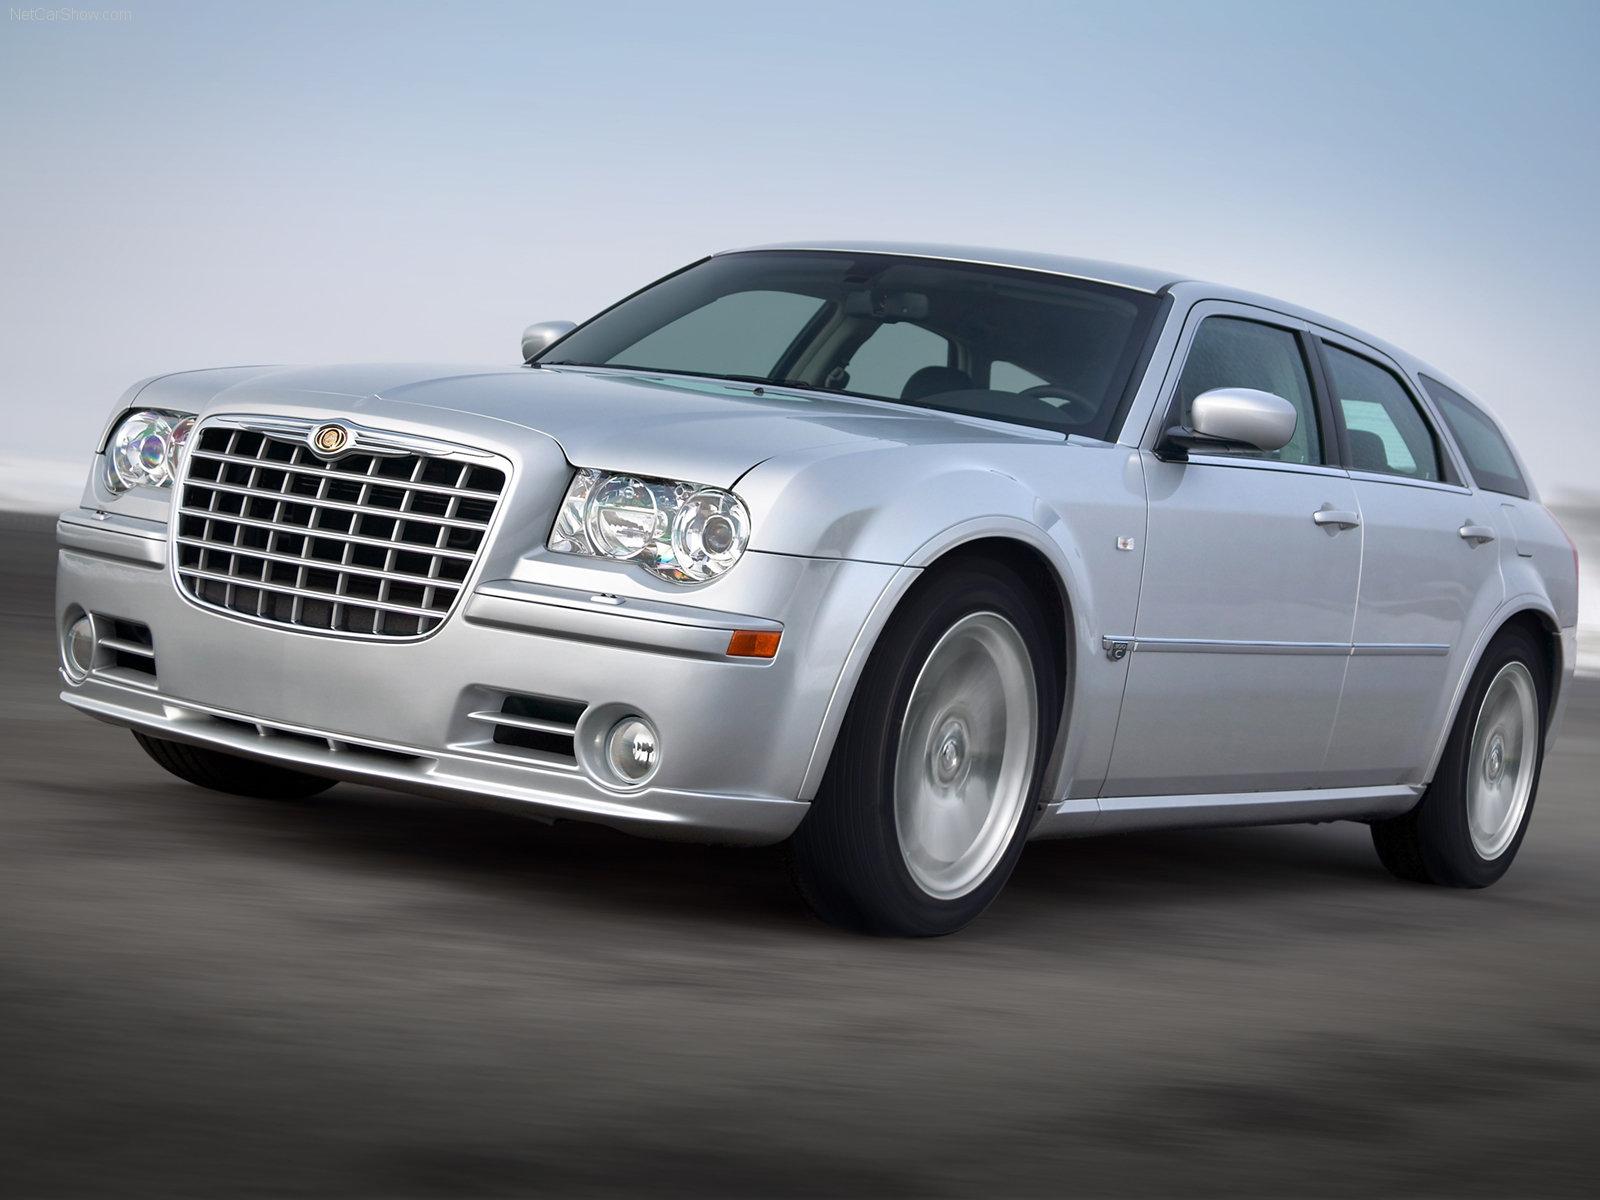 Hình ảnh xe ô tô Chrysler 300C SRT8 Touring 2006 & nội ngoại thất